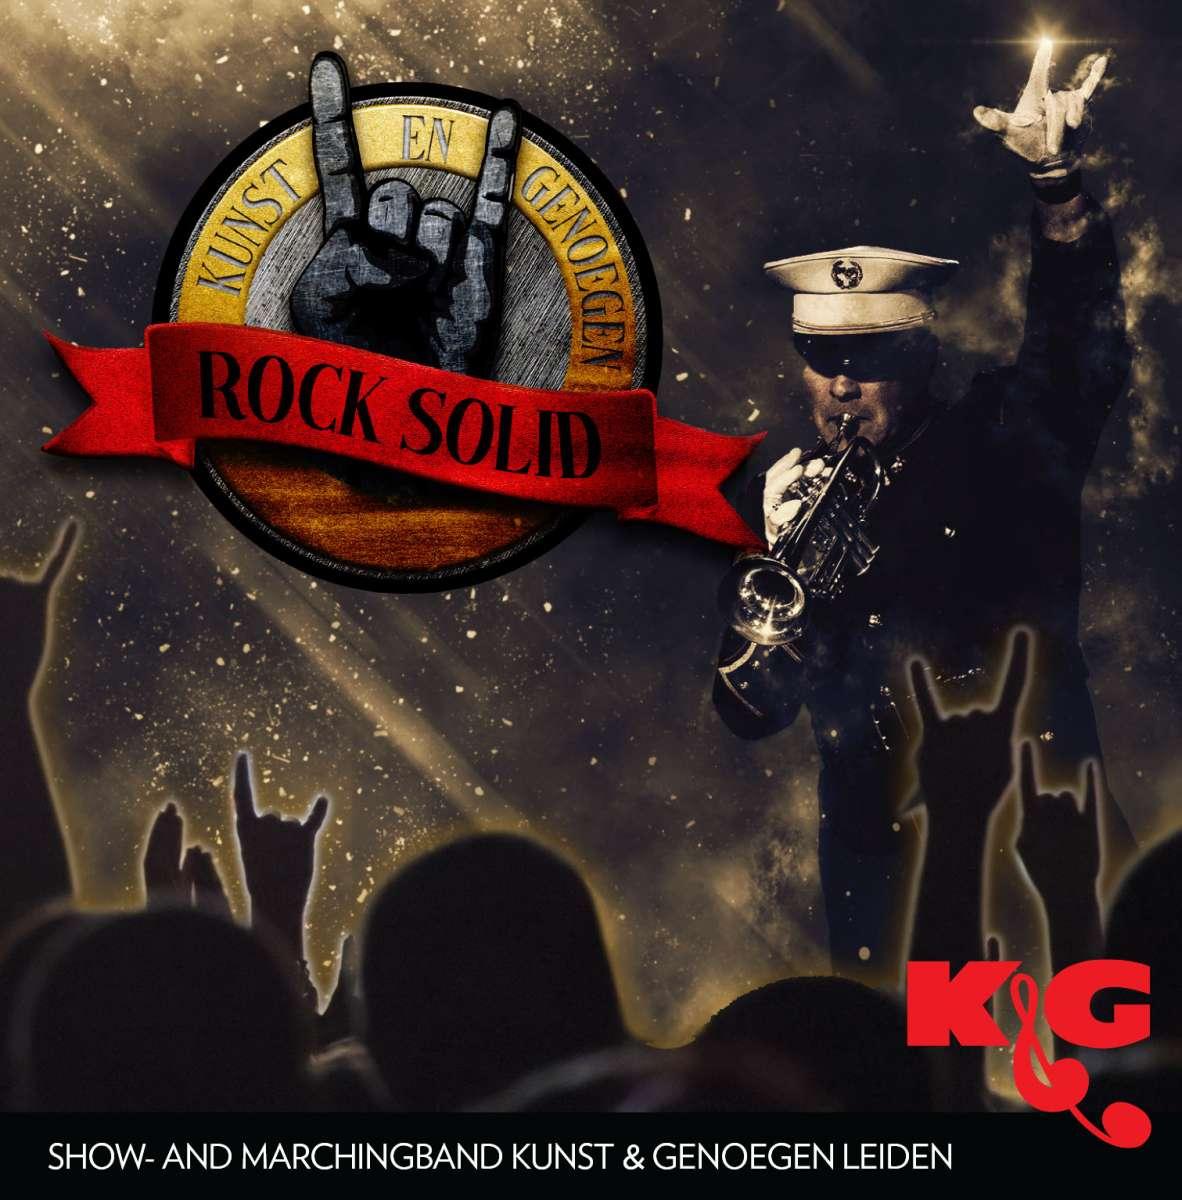 De nieuwe CD Rock Solid is nu te koop via de webshop